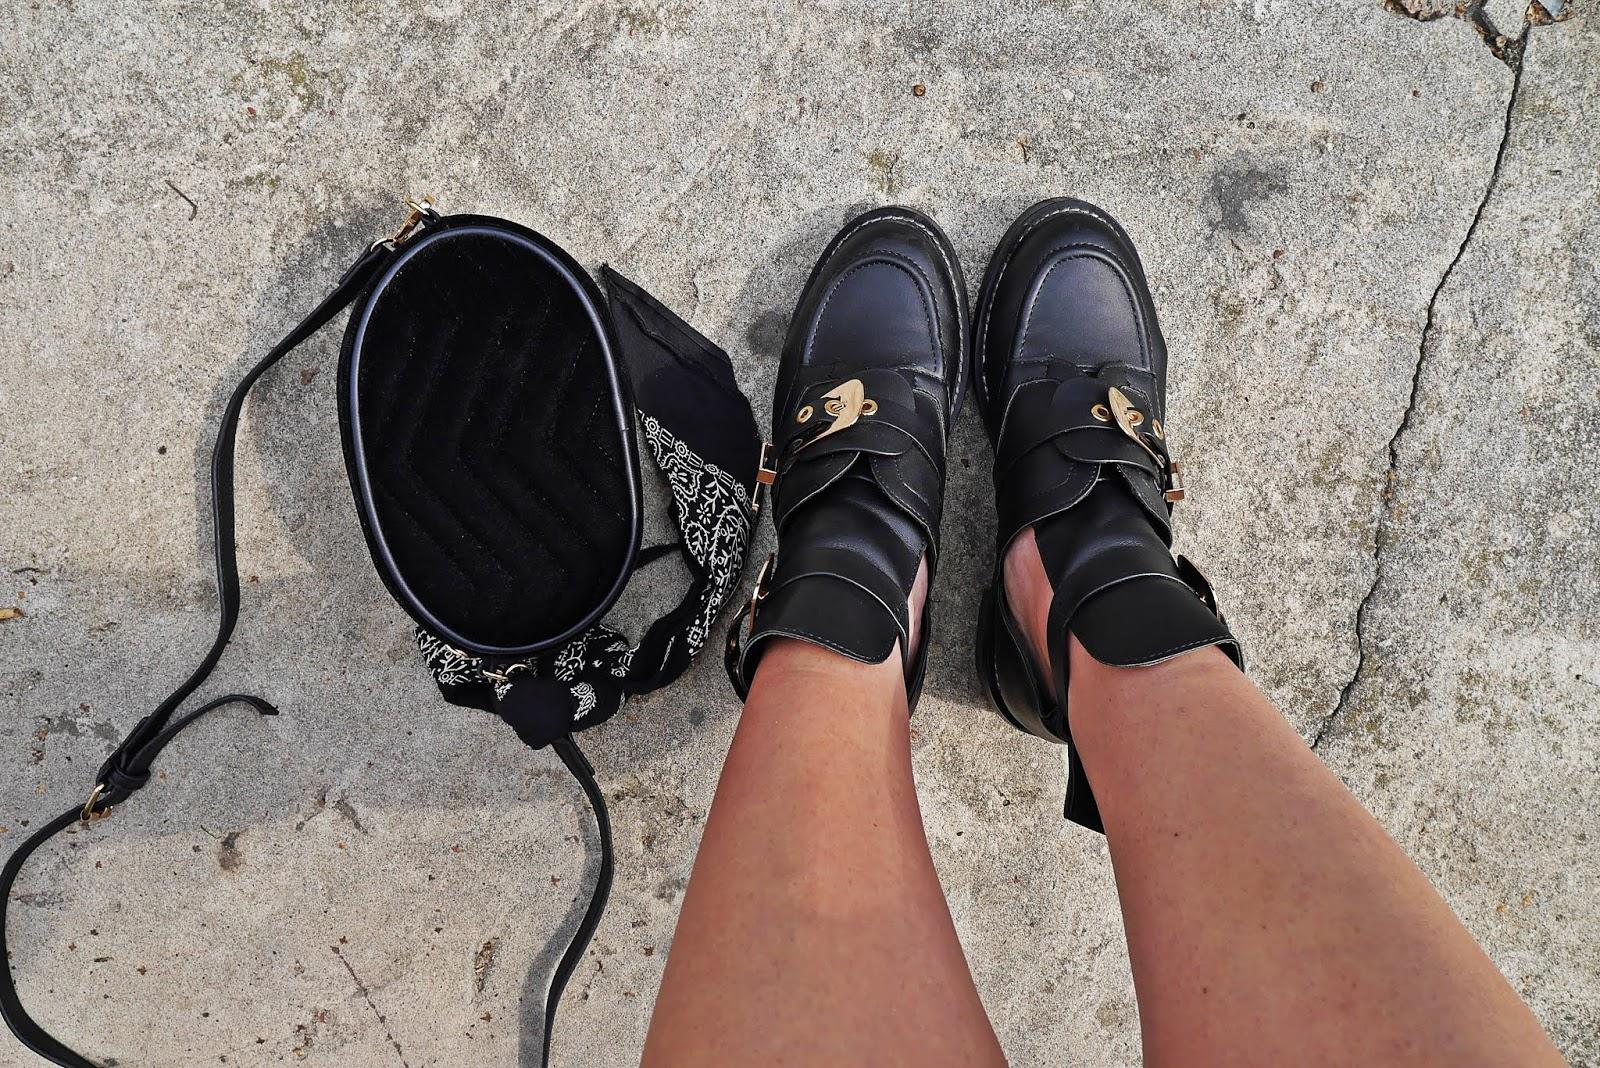 torebka nerka renee botki z klamerkami wycięte karyn blog modowy blogerka modowa stylizacja 2019